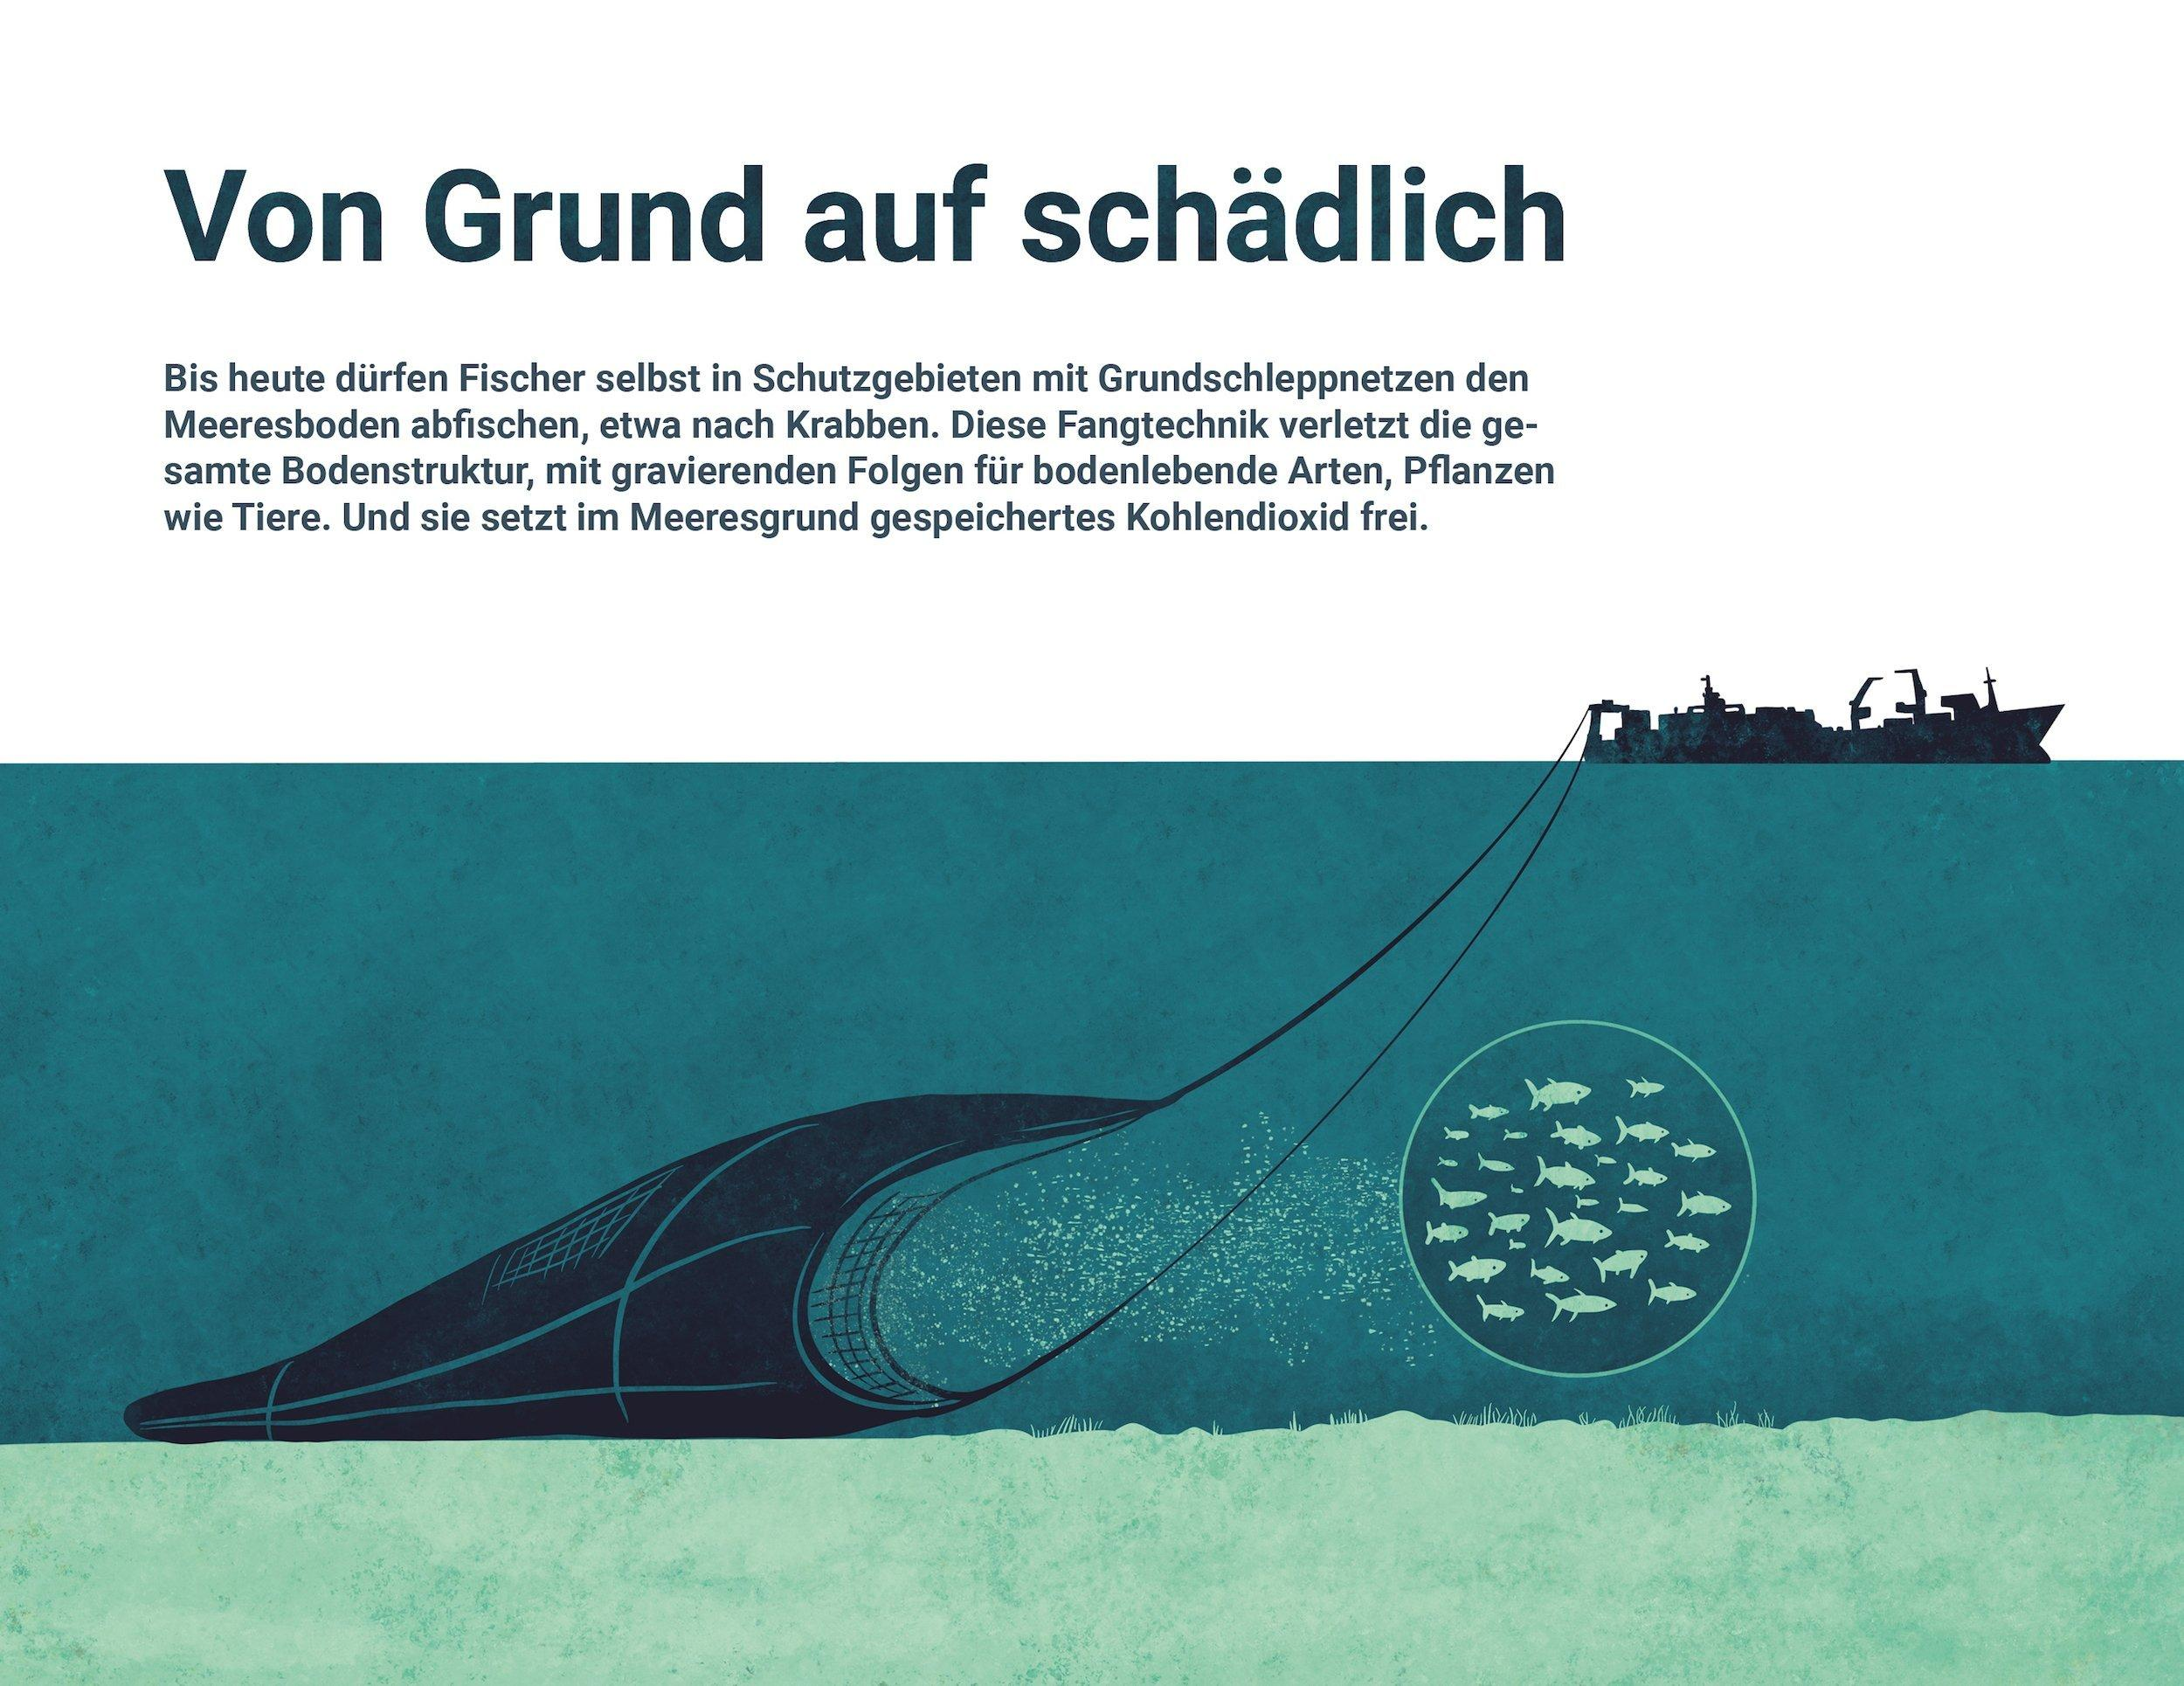 Graphik, die zeigt, wie ein großer Trawler ein Netz über den Meeresboden zieht.